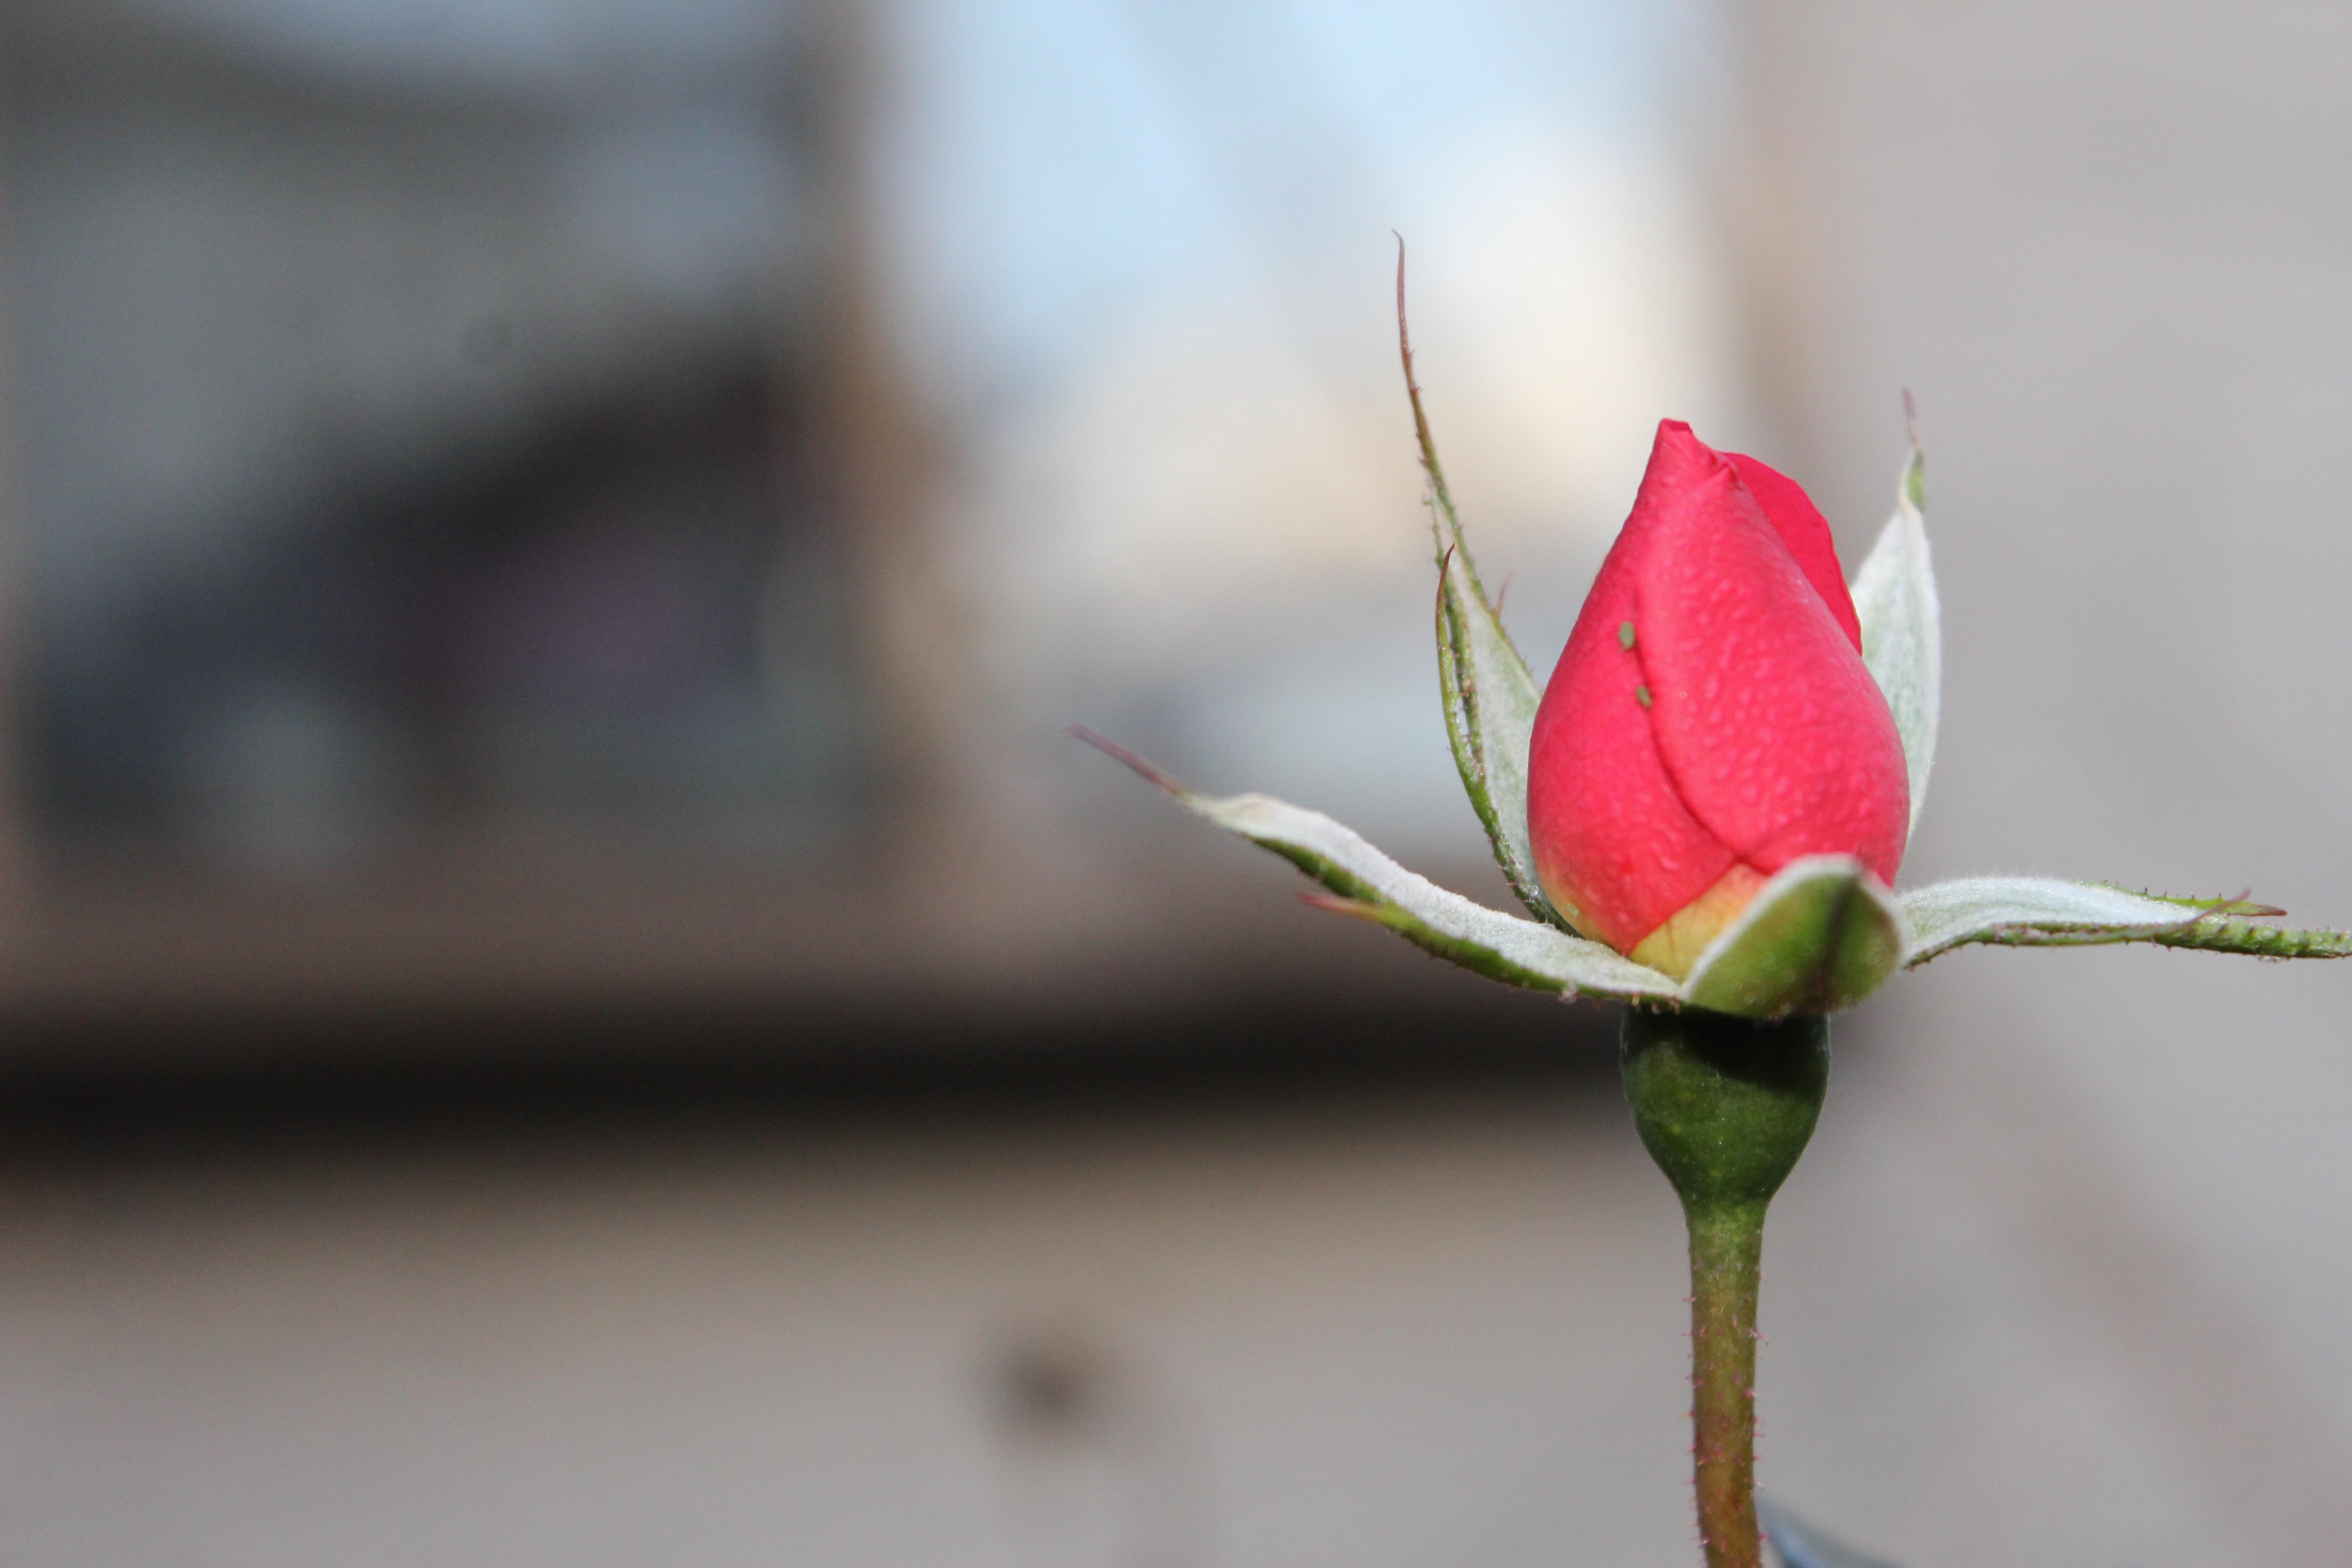 四季咲きの半つるバラ、ジェネラシオン・ジャルダンが美しく咲いてきました。